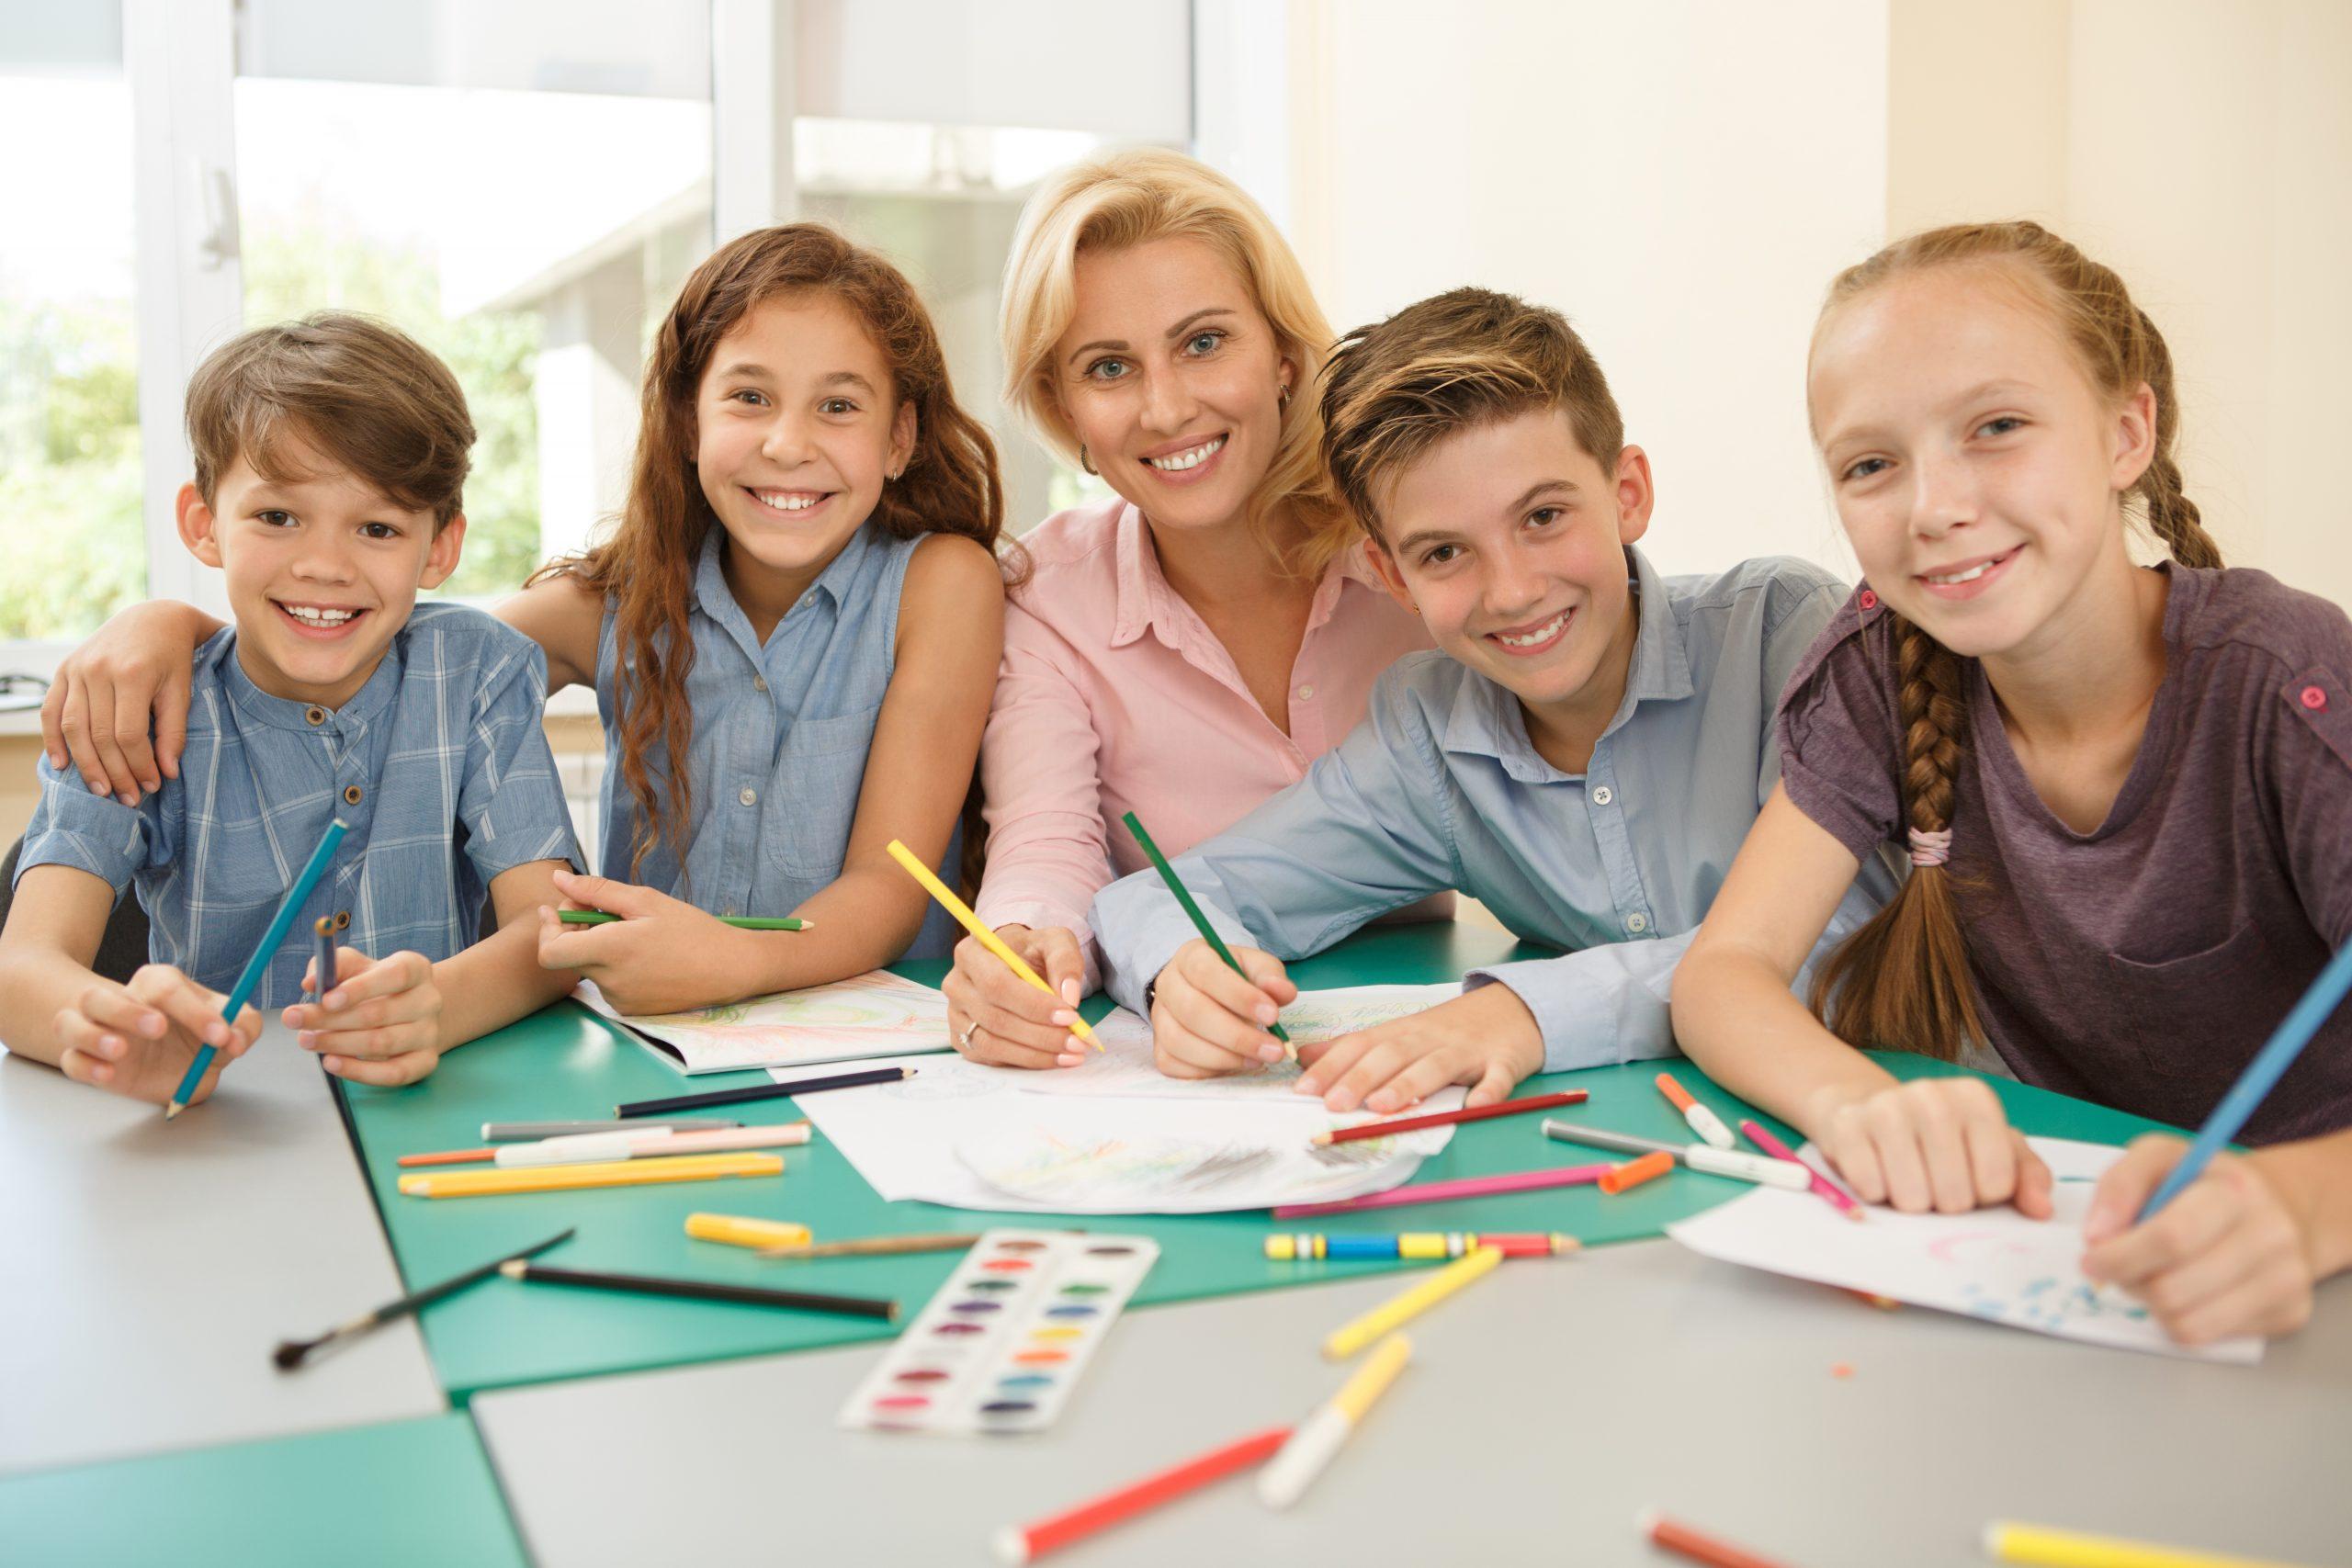 1-on-1 tutoring